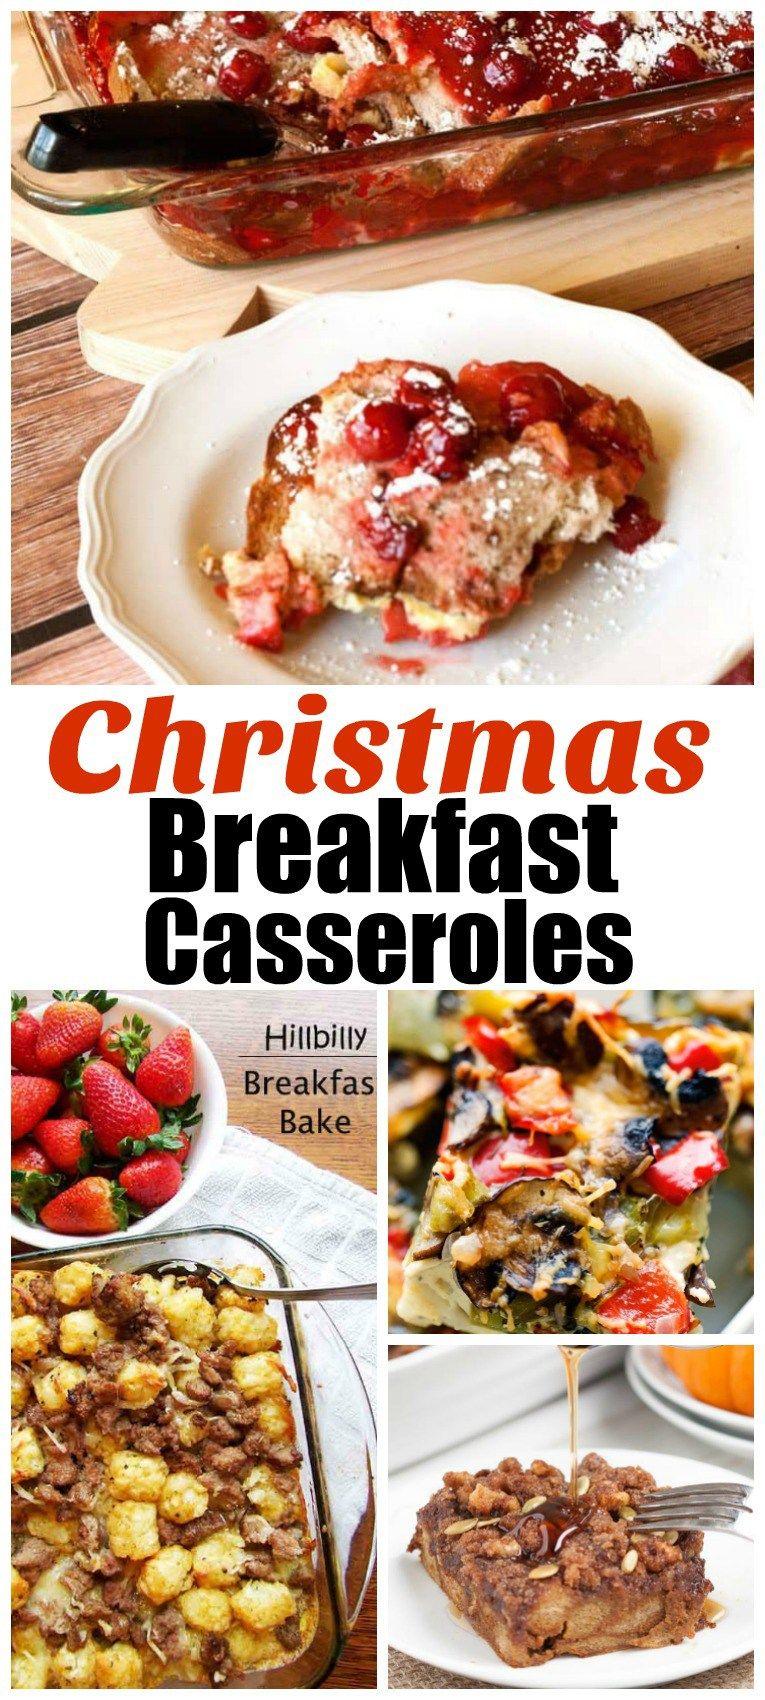 best breakfast casserole recipes - Best Christmas Breakfast